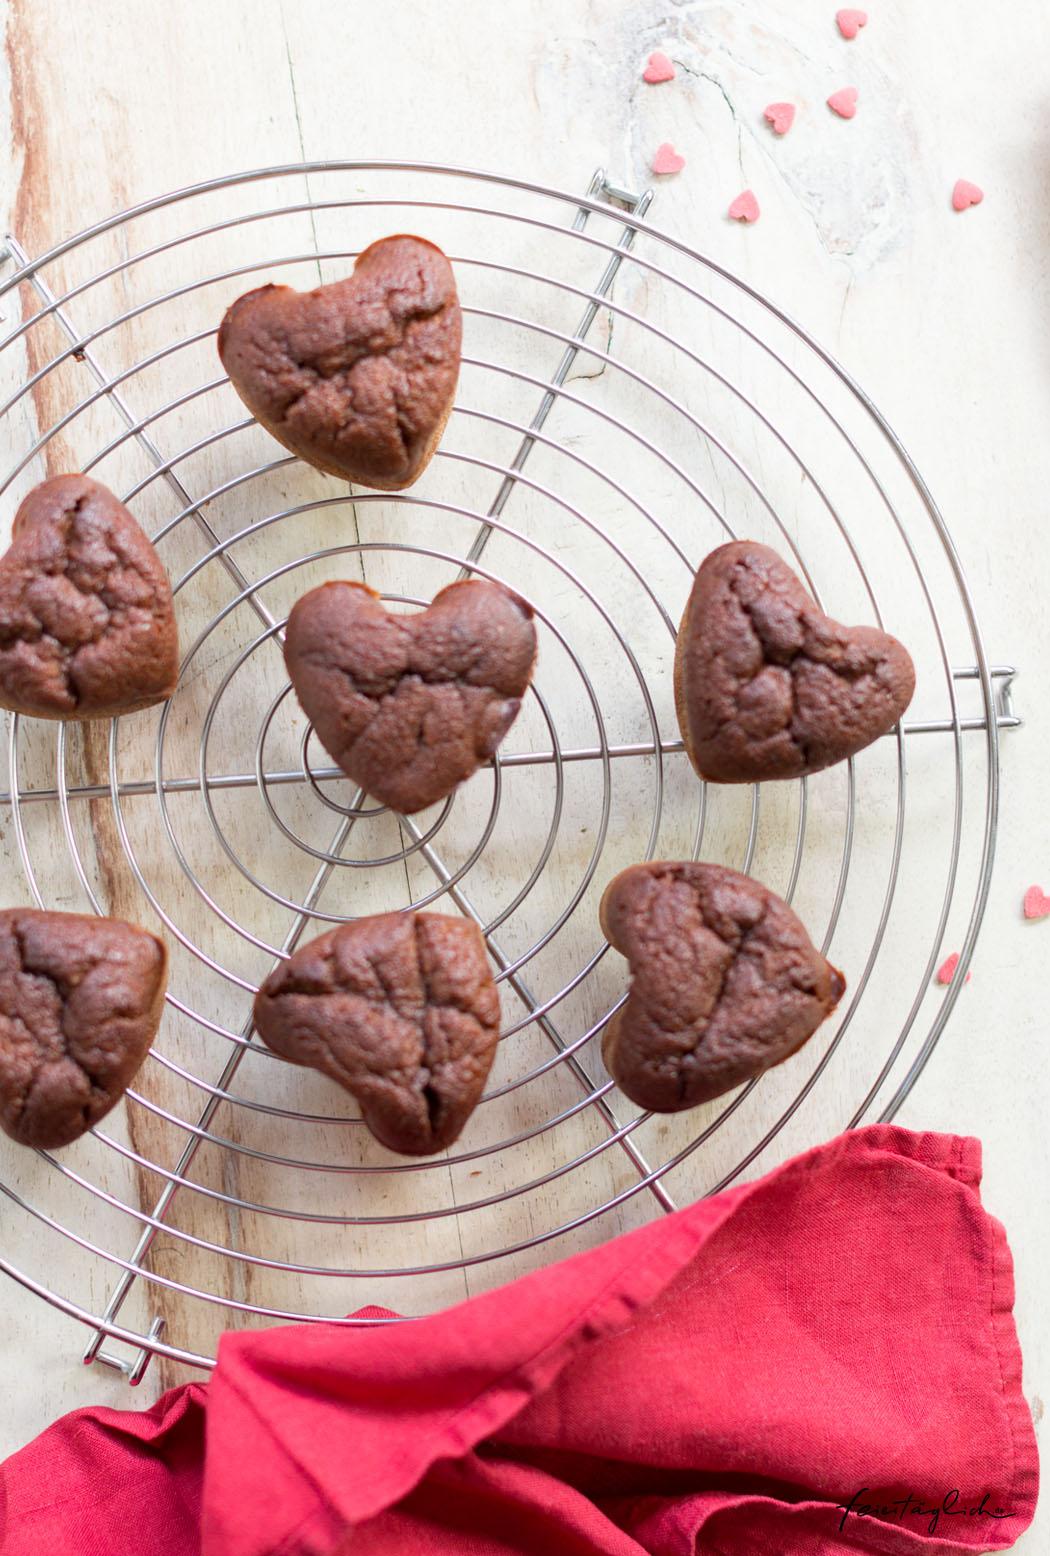 Rezept für Red Velvet Cupcakes mit einer besonderen, gesunden Geheimzutat zum Valentinstag oder Muttertag, vollwertig, gebacken ohne künstliche Farbstoffe